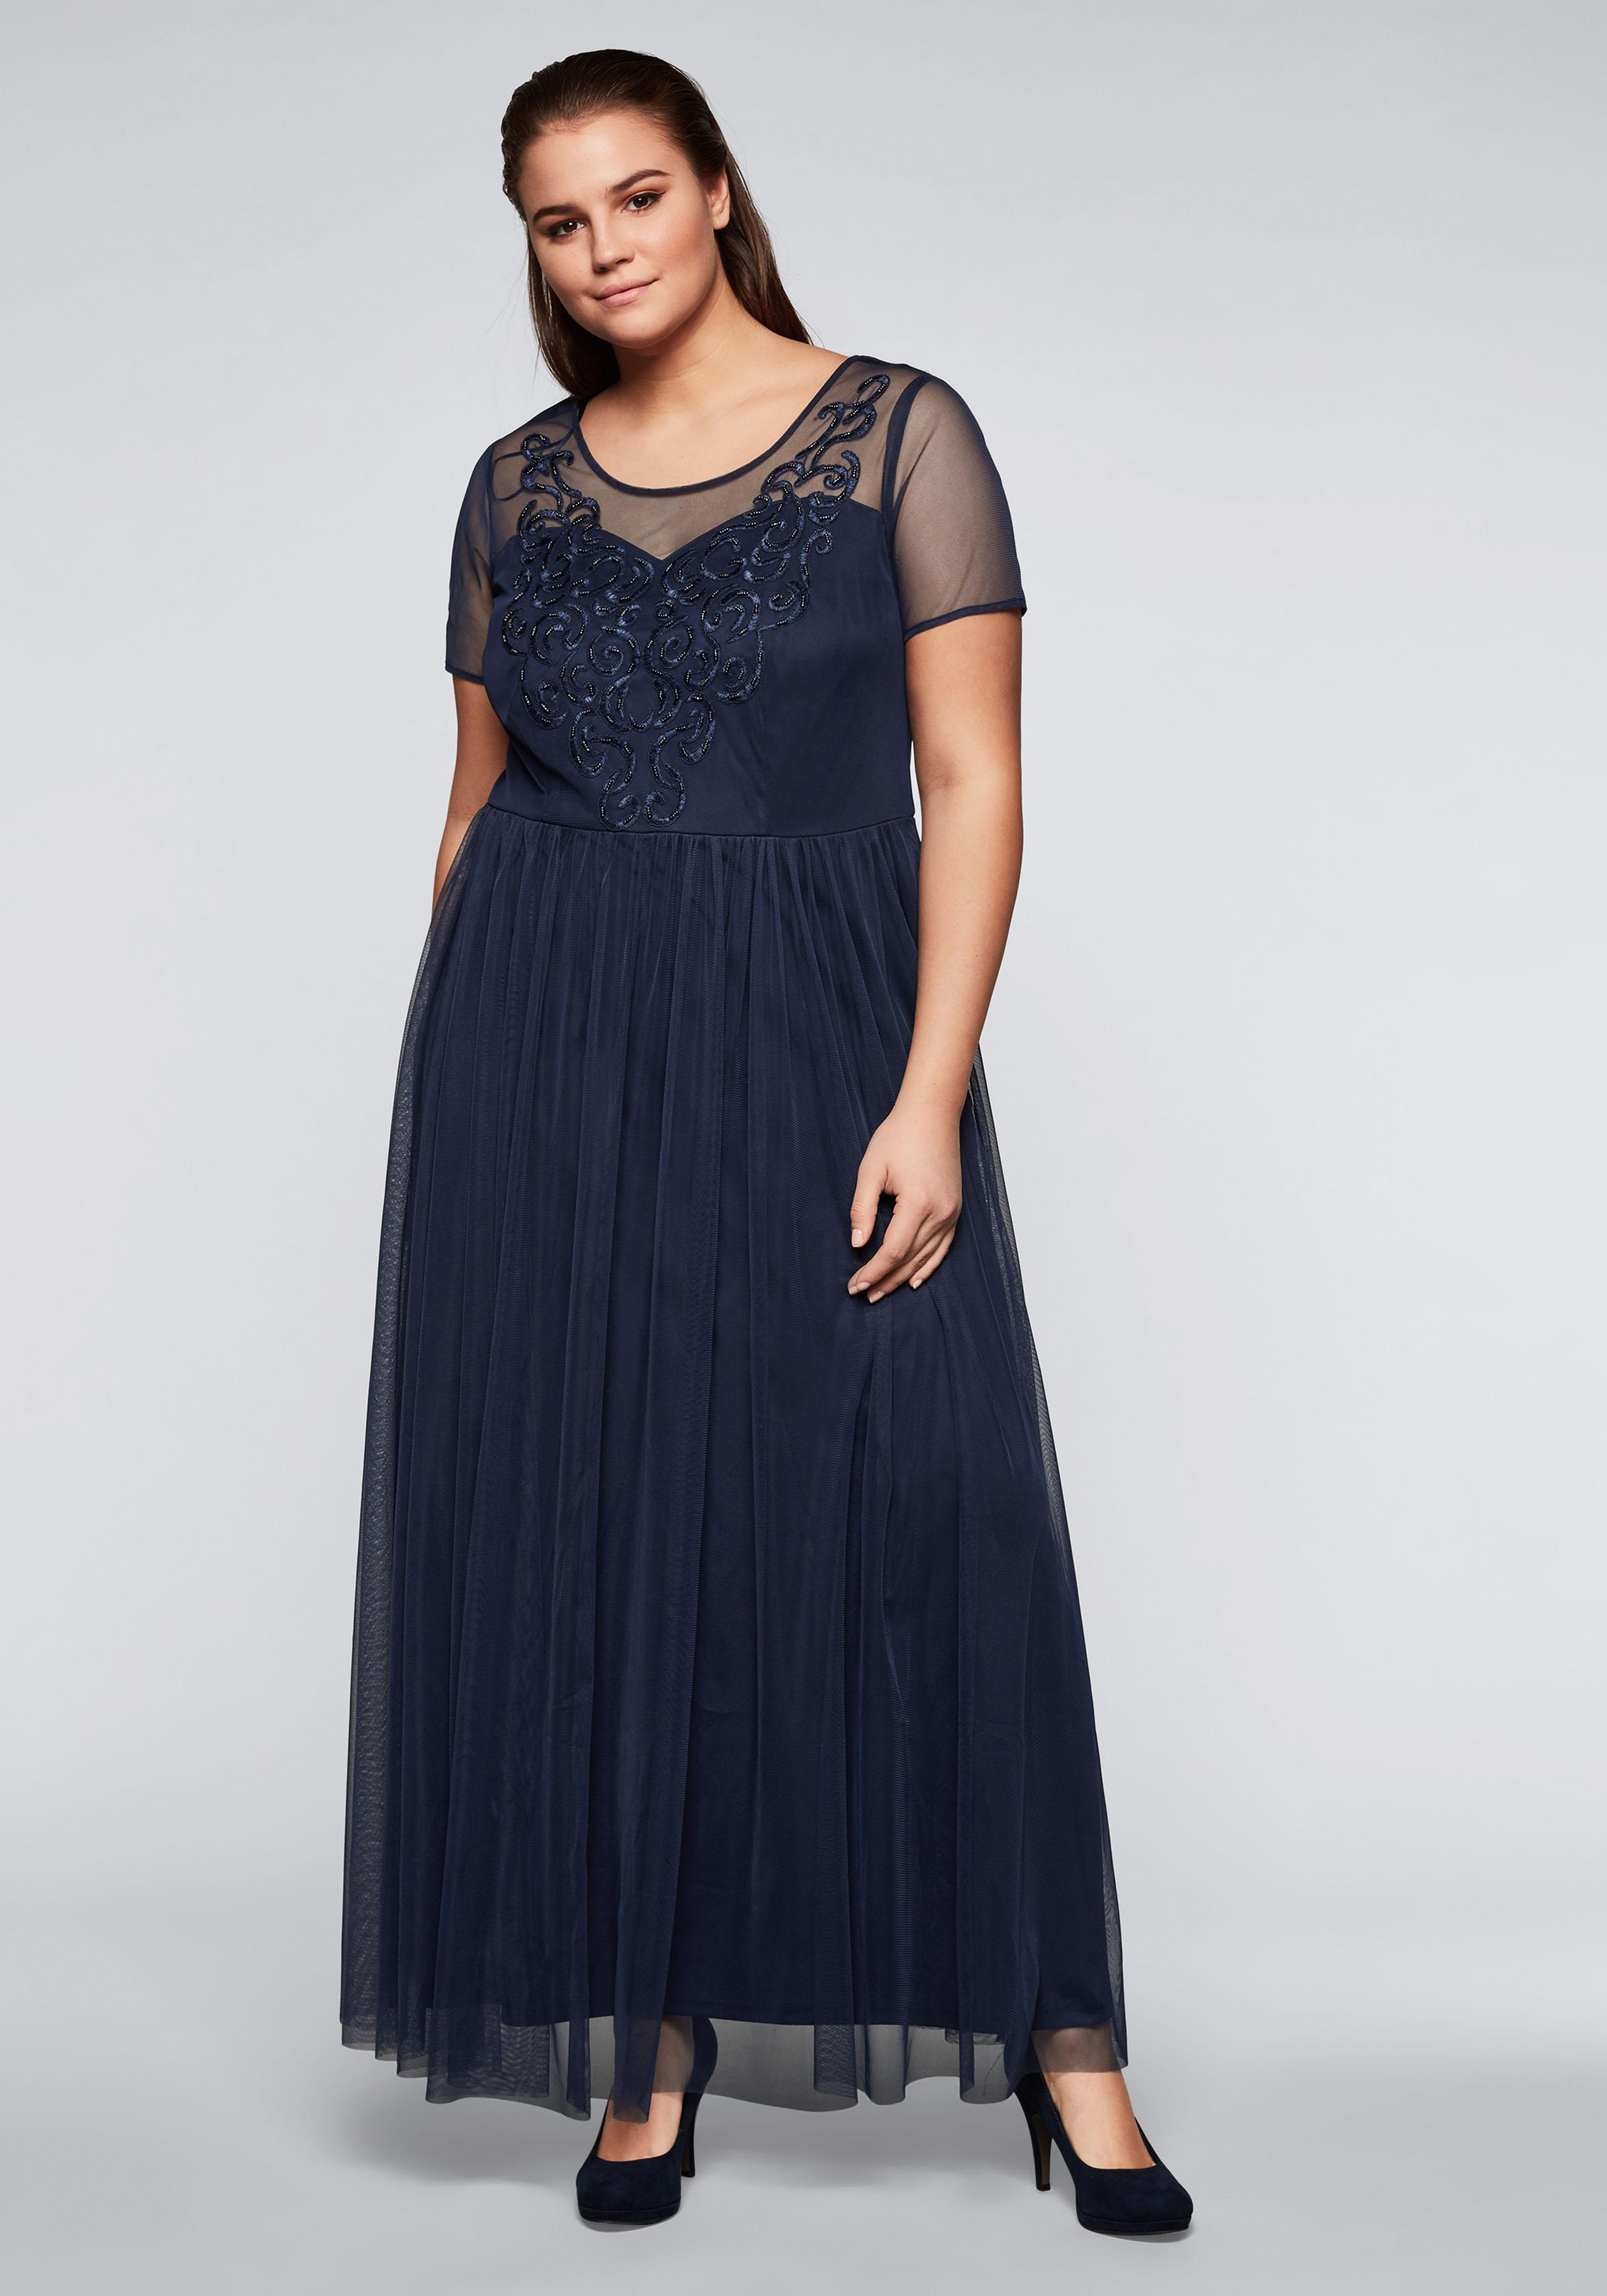 Sheego Abendkleid Damenmode/Bekleidung/Kleider/Abendkleider